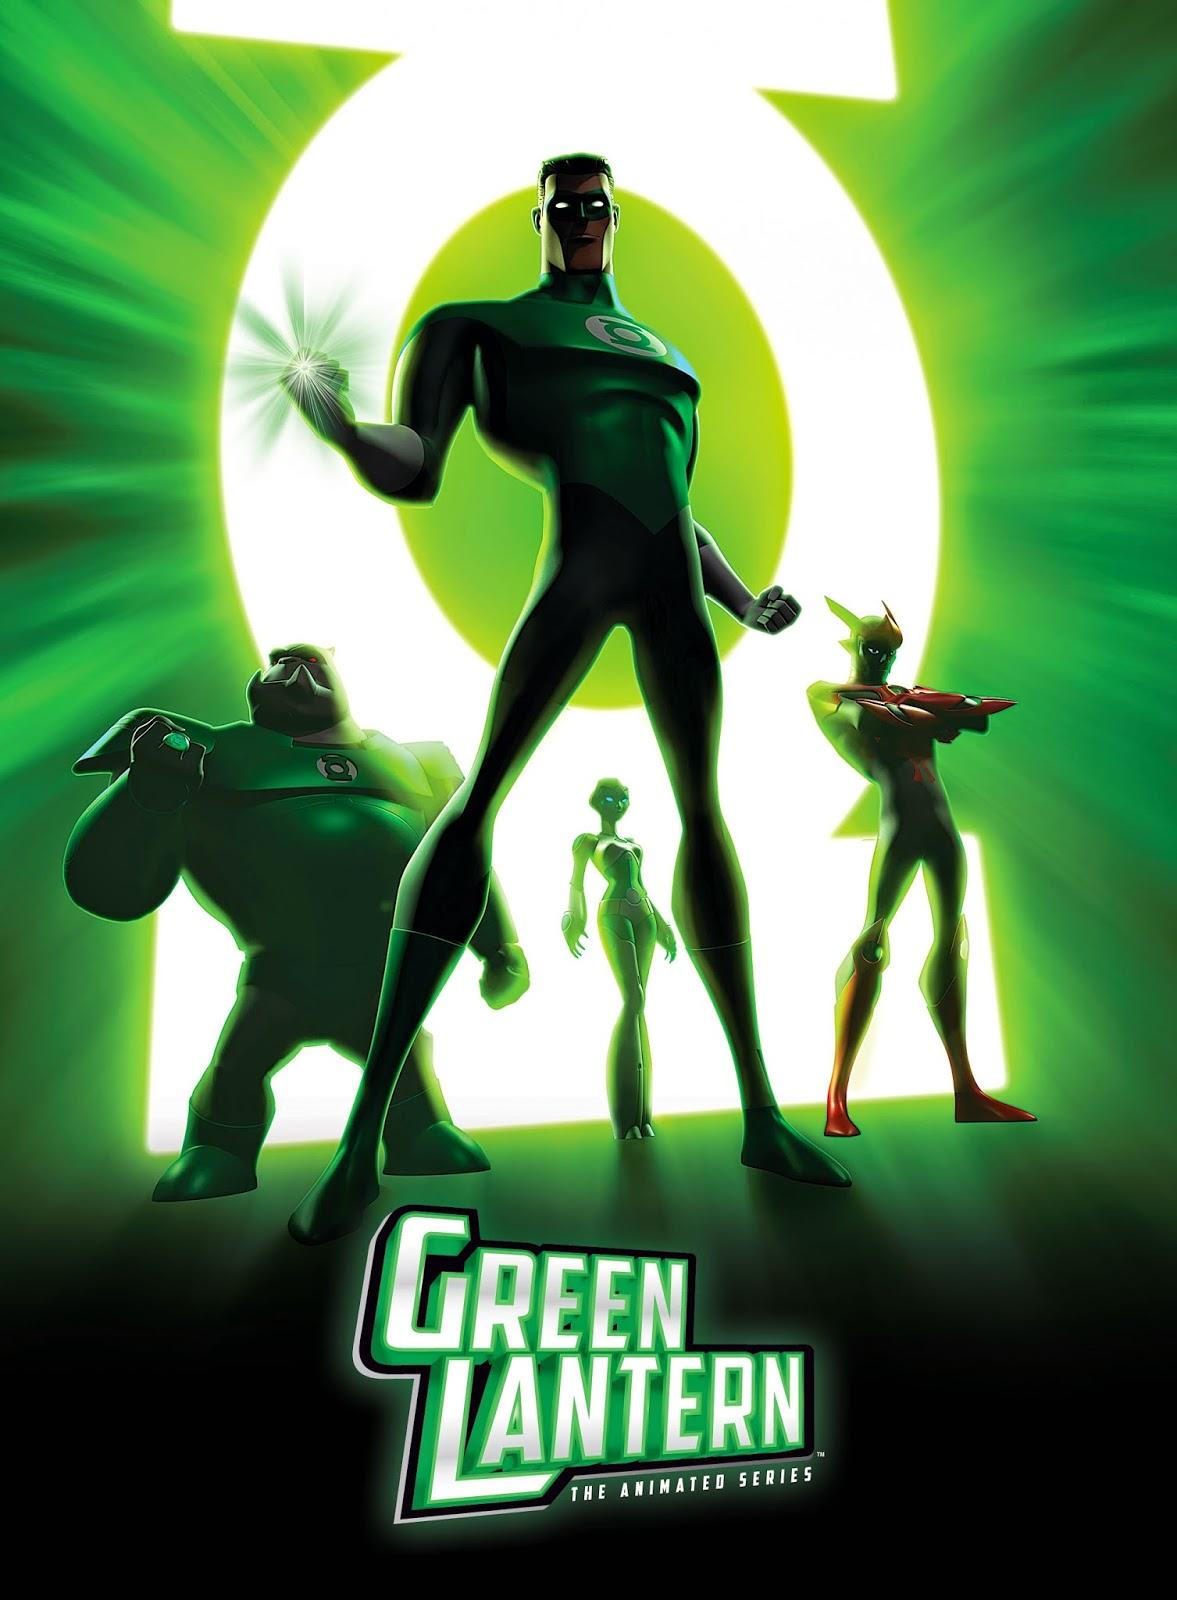 Cine y series de animacion - Página 11 Green-lantern